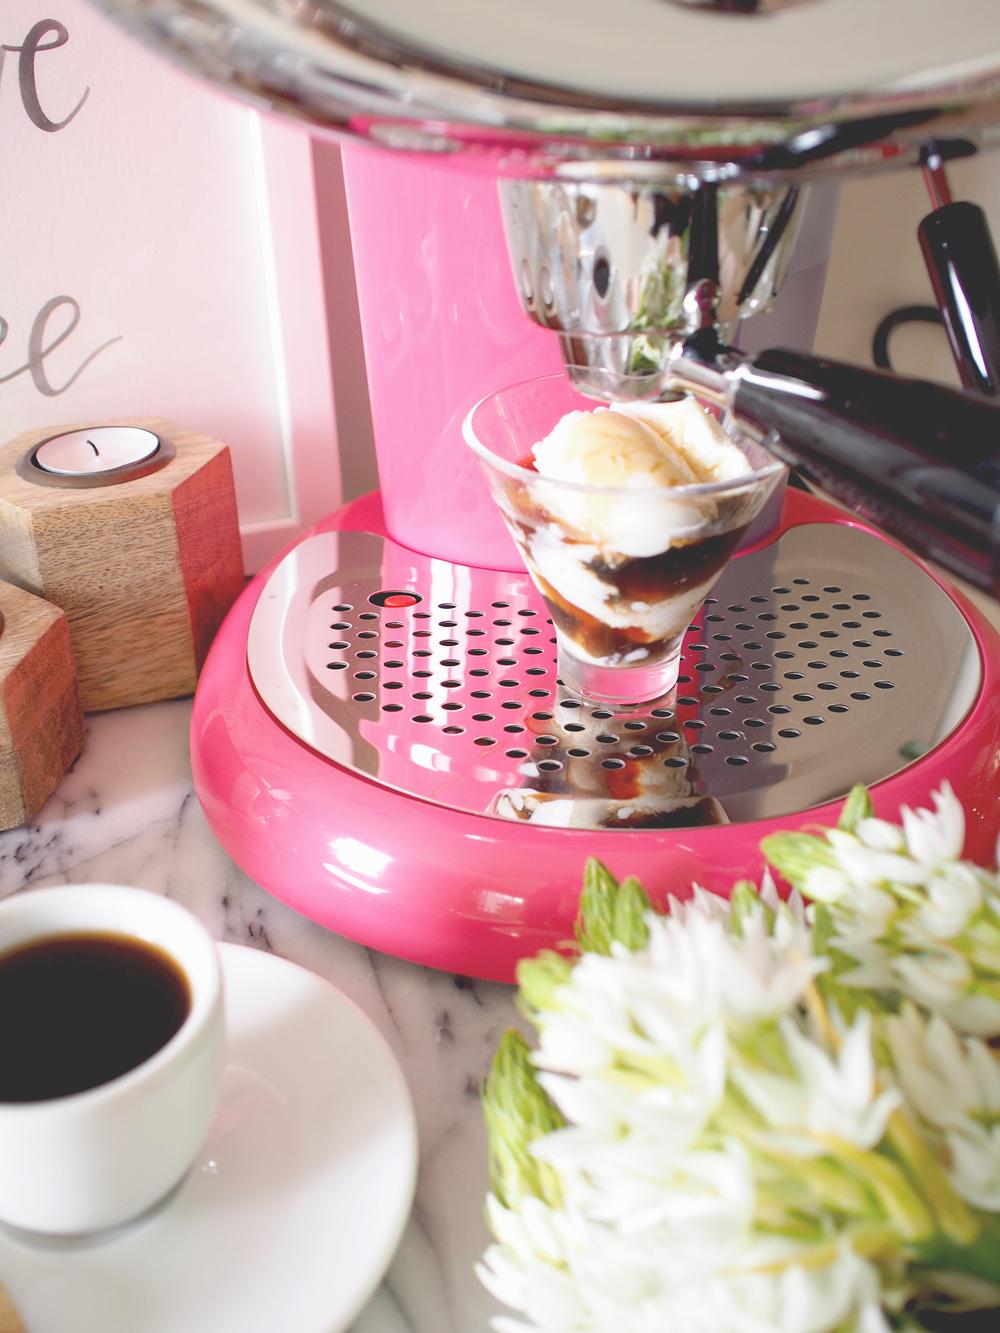 Affogato: Gelato topped with espresso | A Fabulous Fete